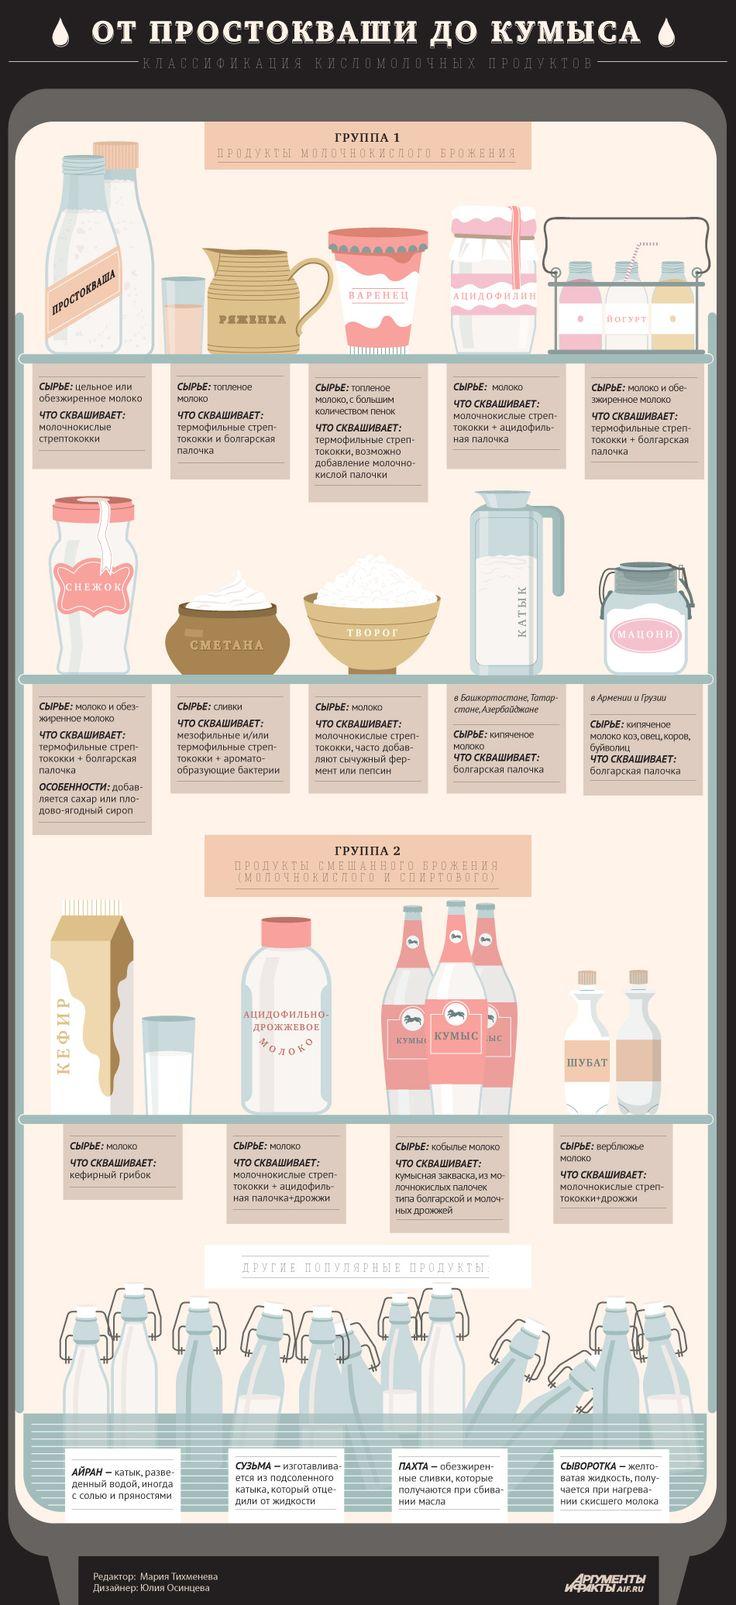 Кисломолочные продукты: как получаются и чем различаются